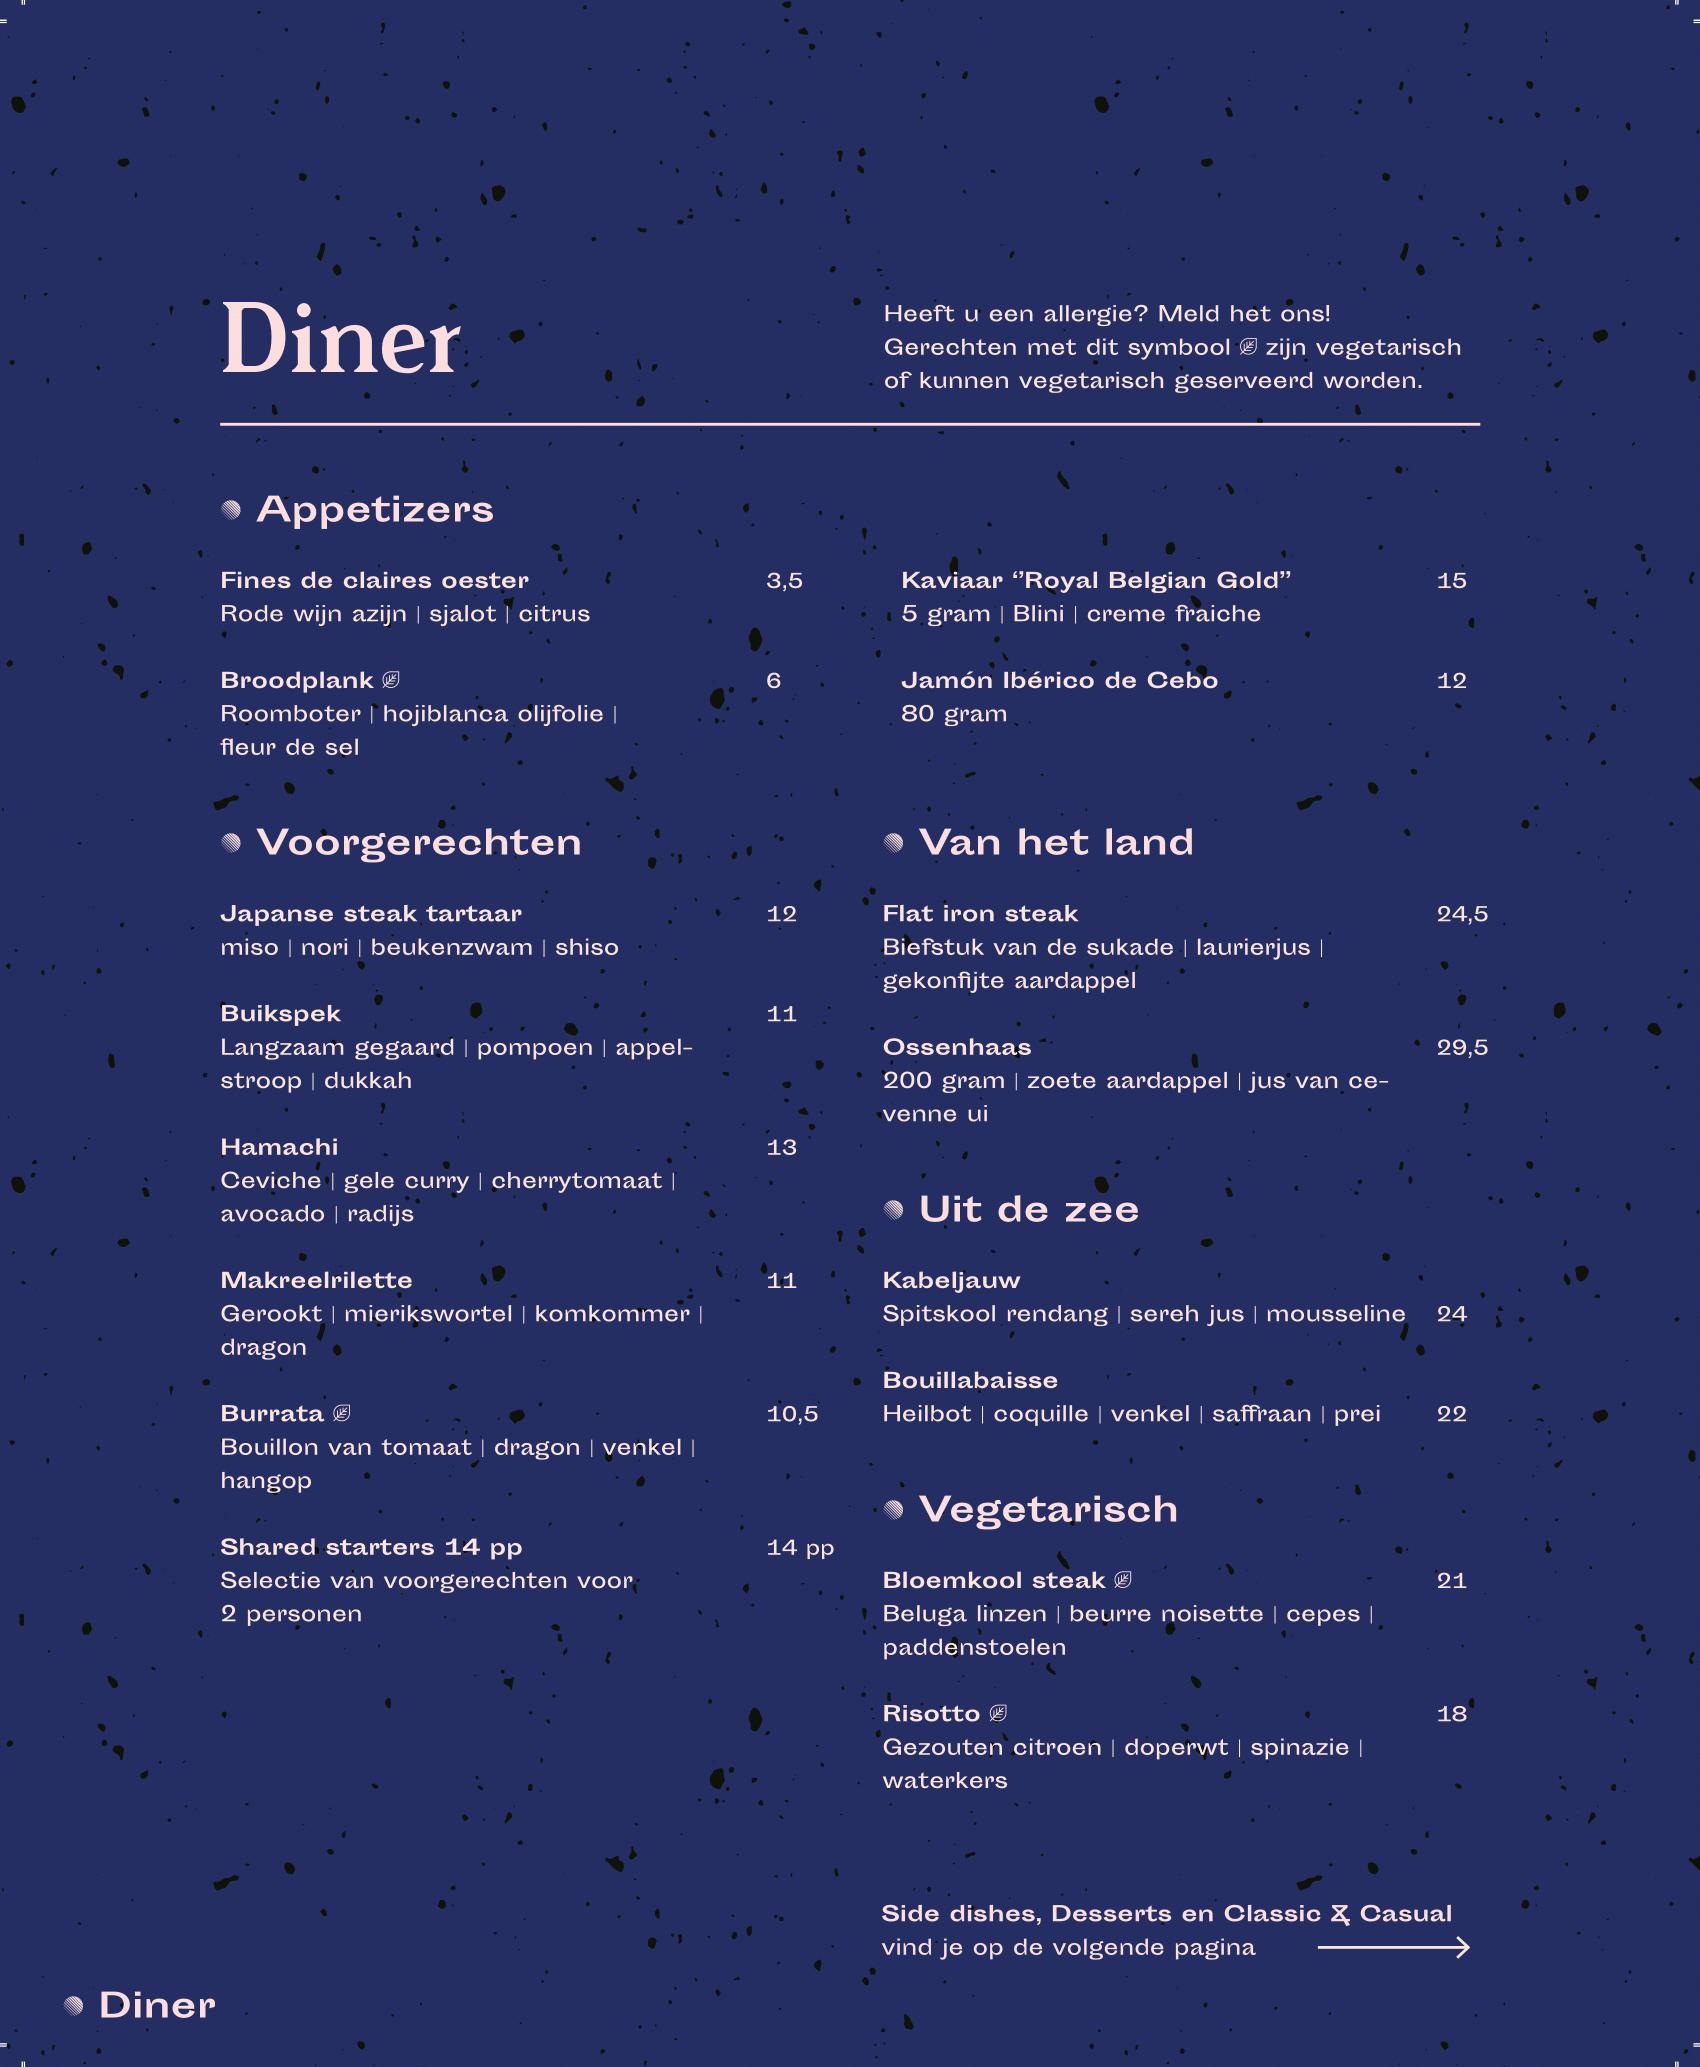 Diner 2 geknipt